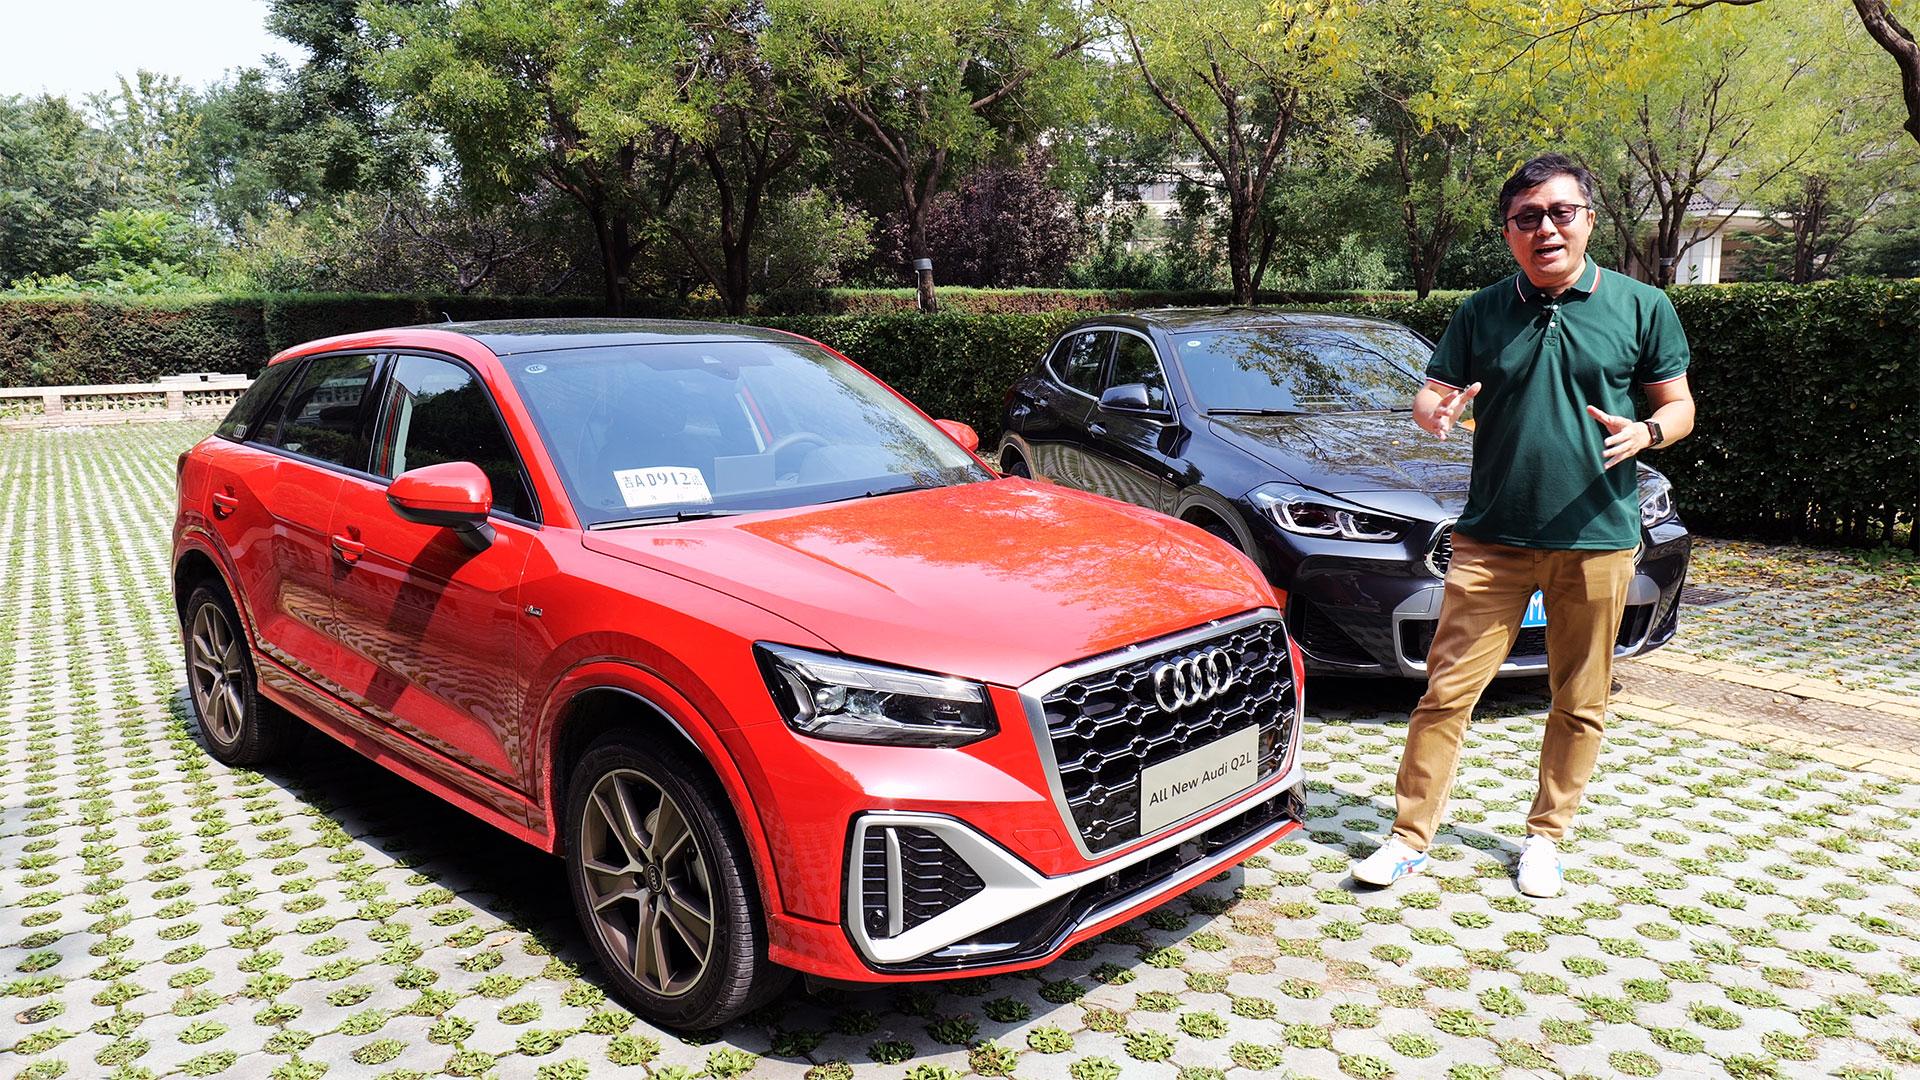 解读豪华品牌小型SUV的受欢迎之道,体验对比奥迪Q2L与宝马X2视频